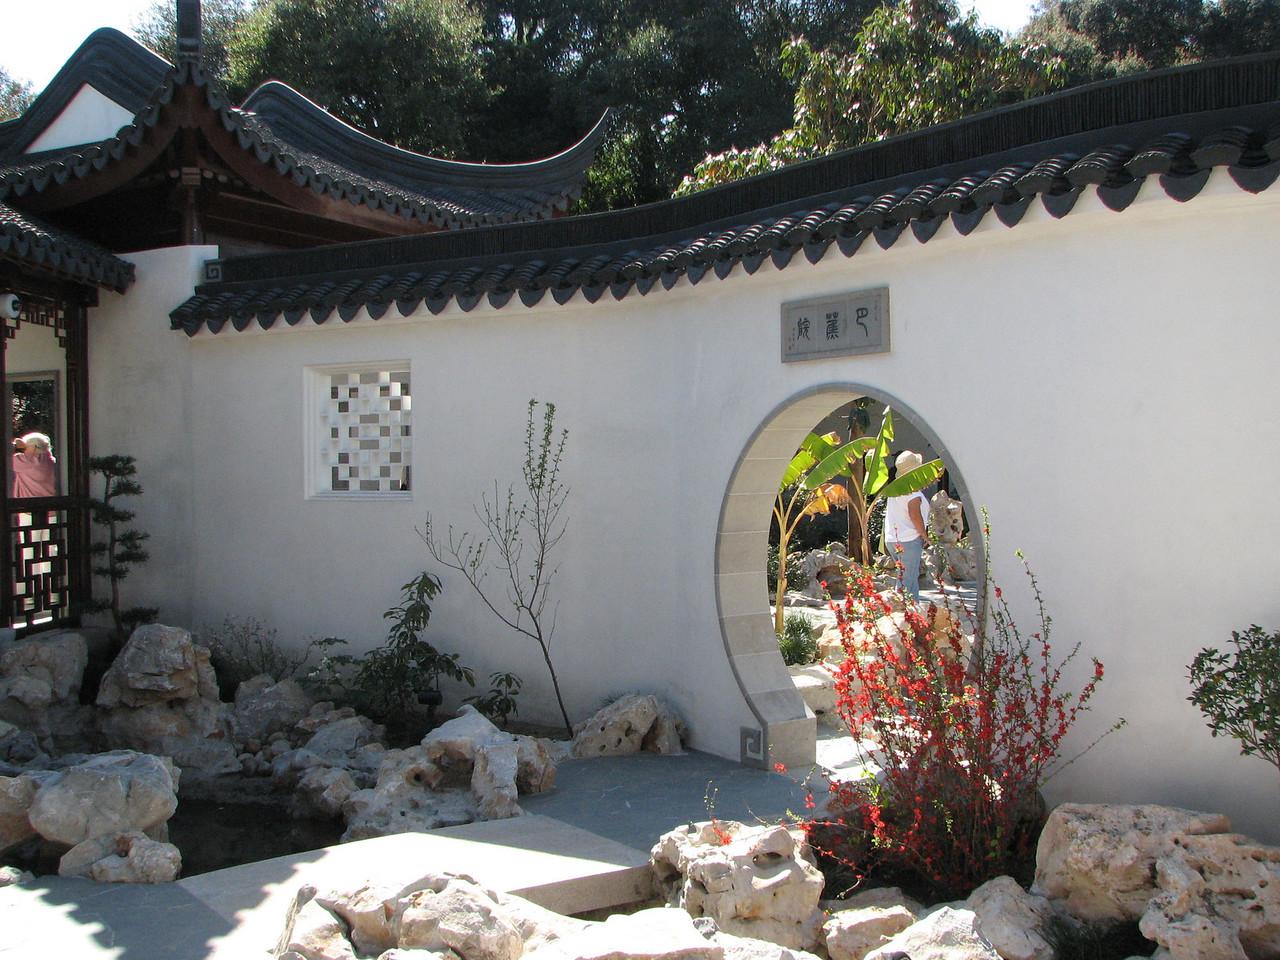 2008 03 09 Sun - New Chinese garden - Yuchun photo 6